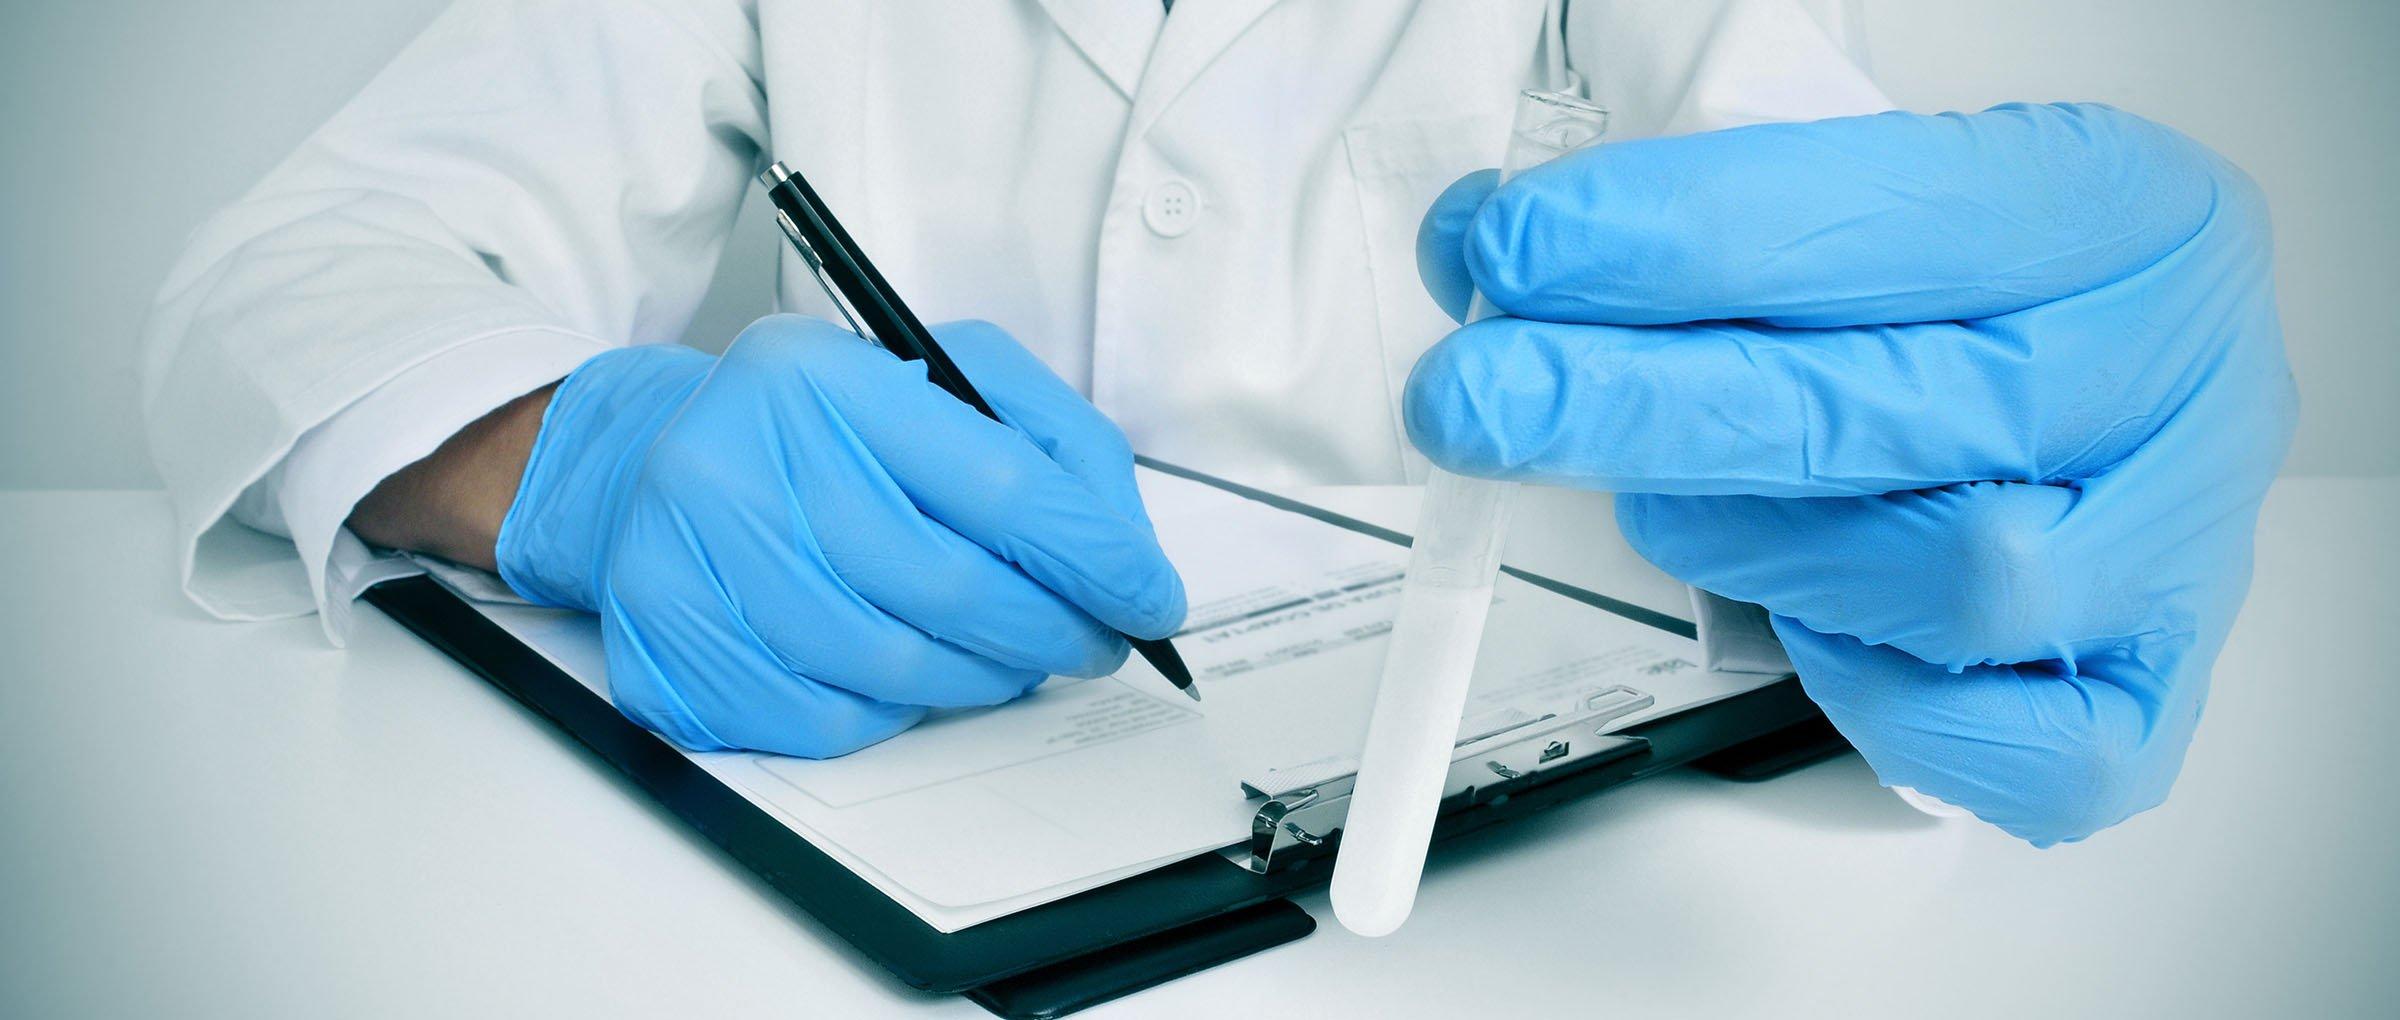 Precio de la inseminación artificial con donación de semen en Estados Unidos